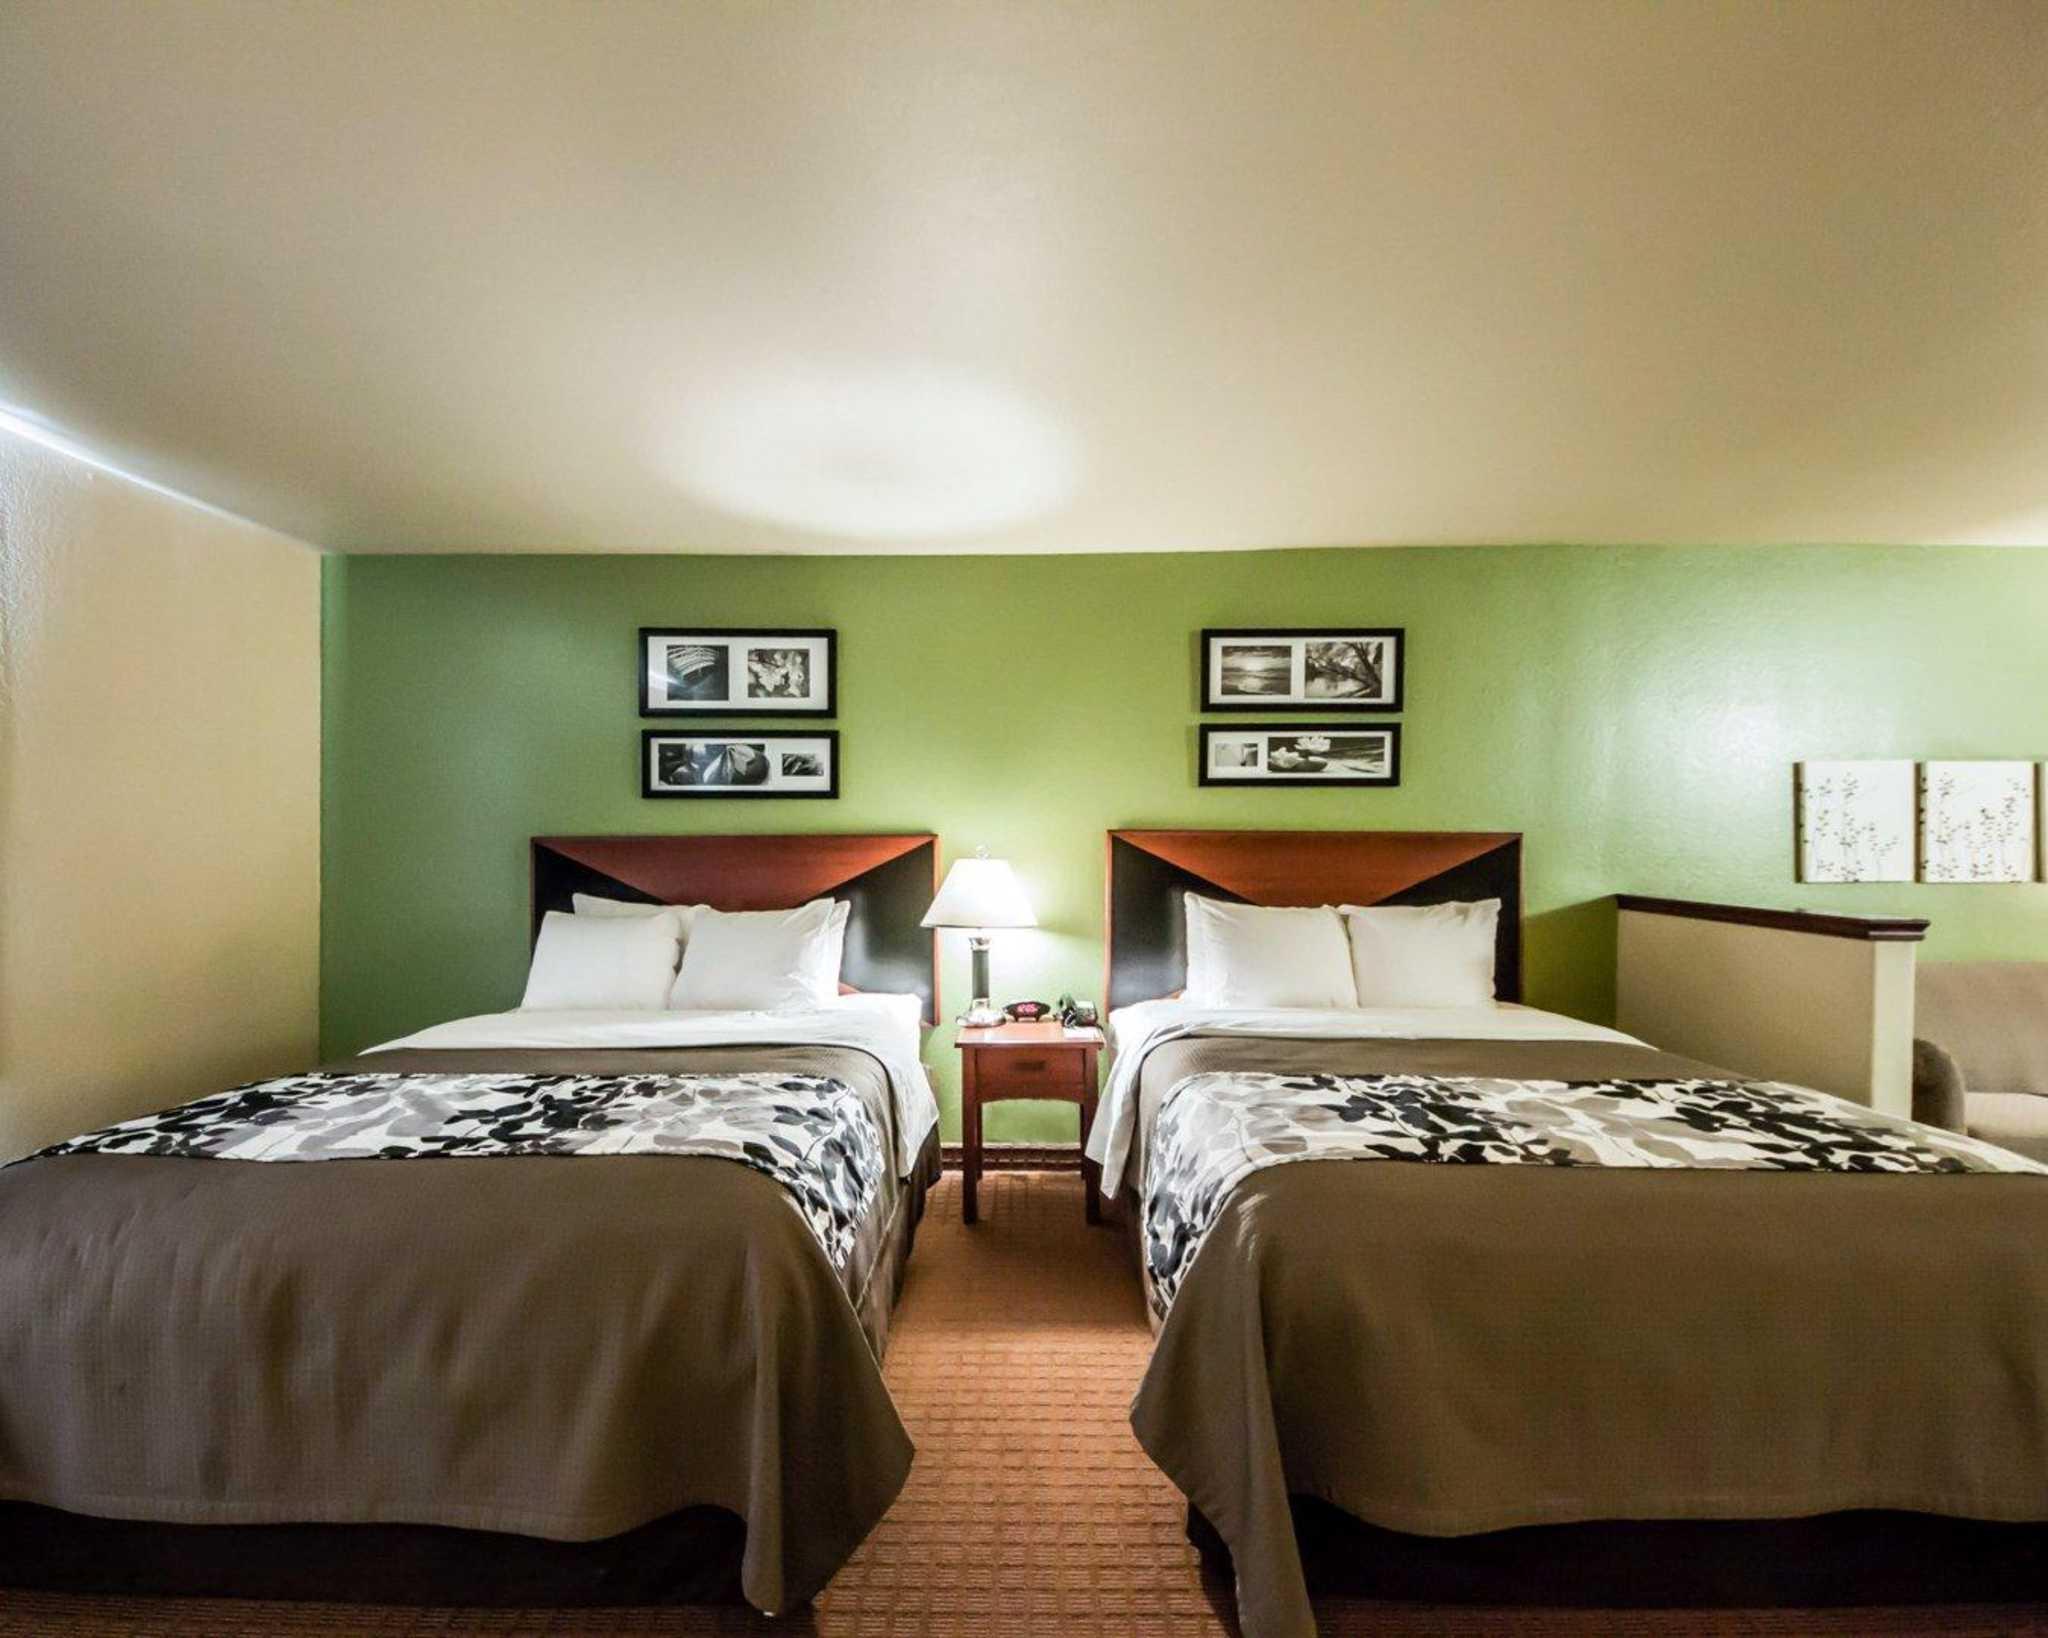 Sleep Inn & Suites image 29